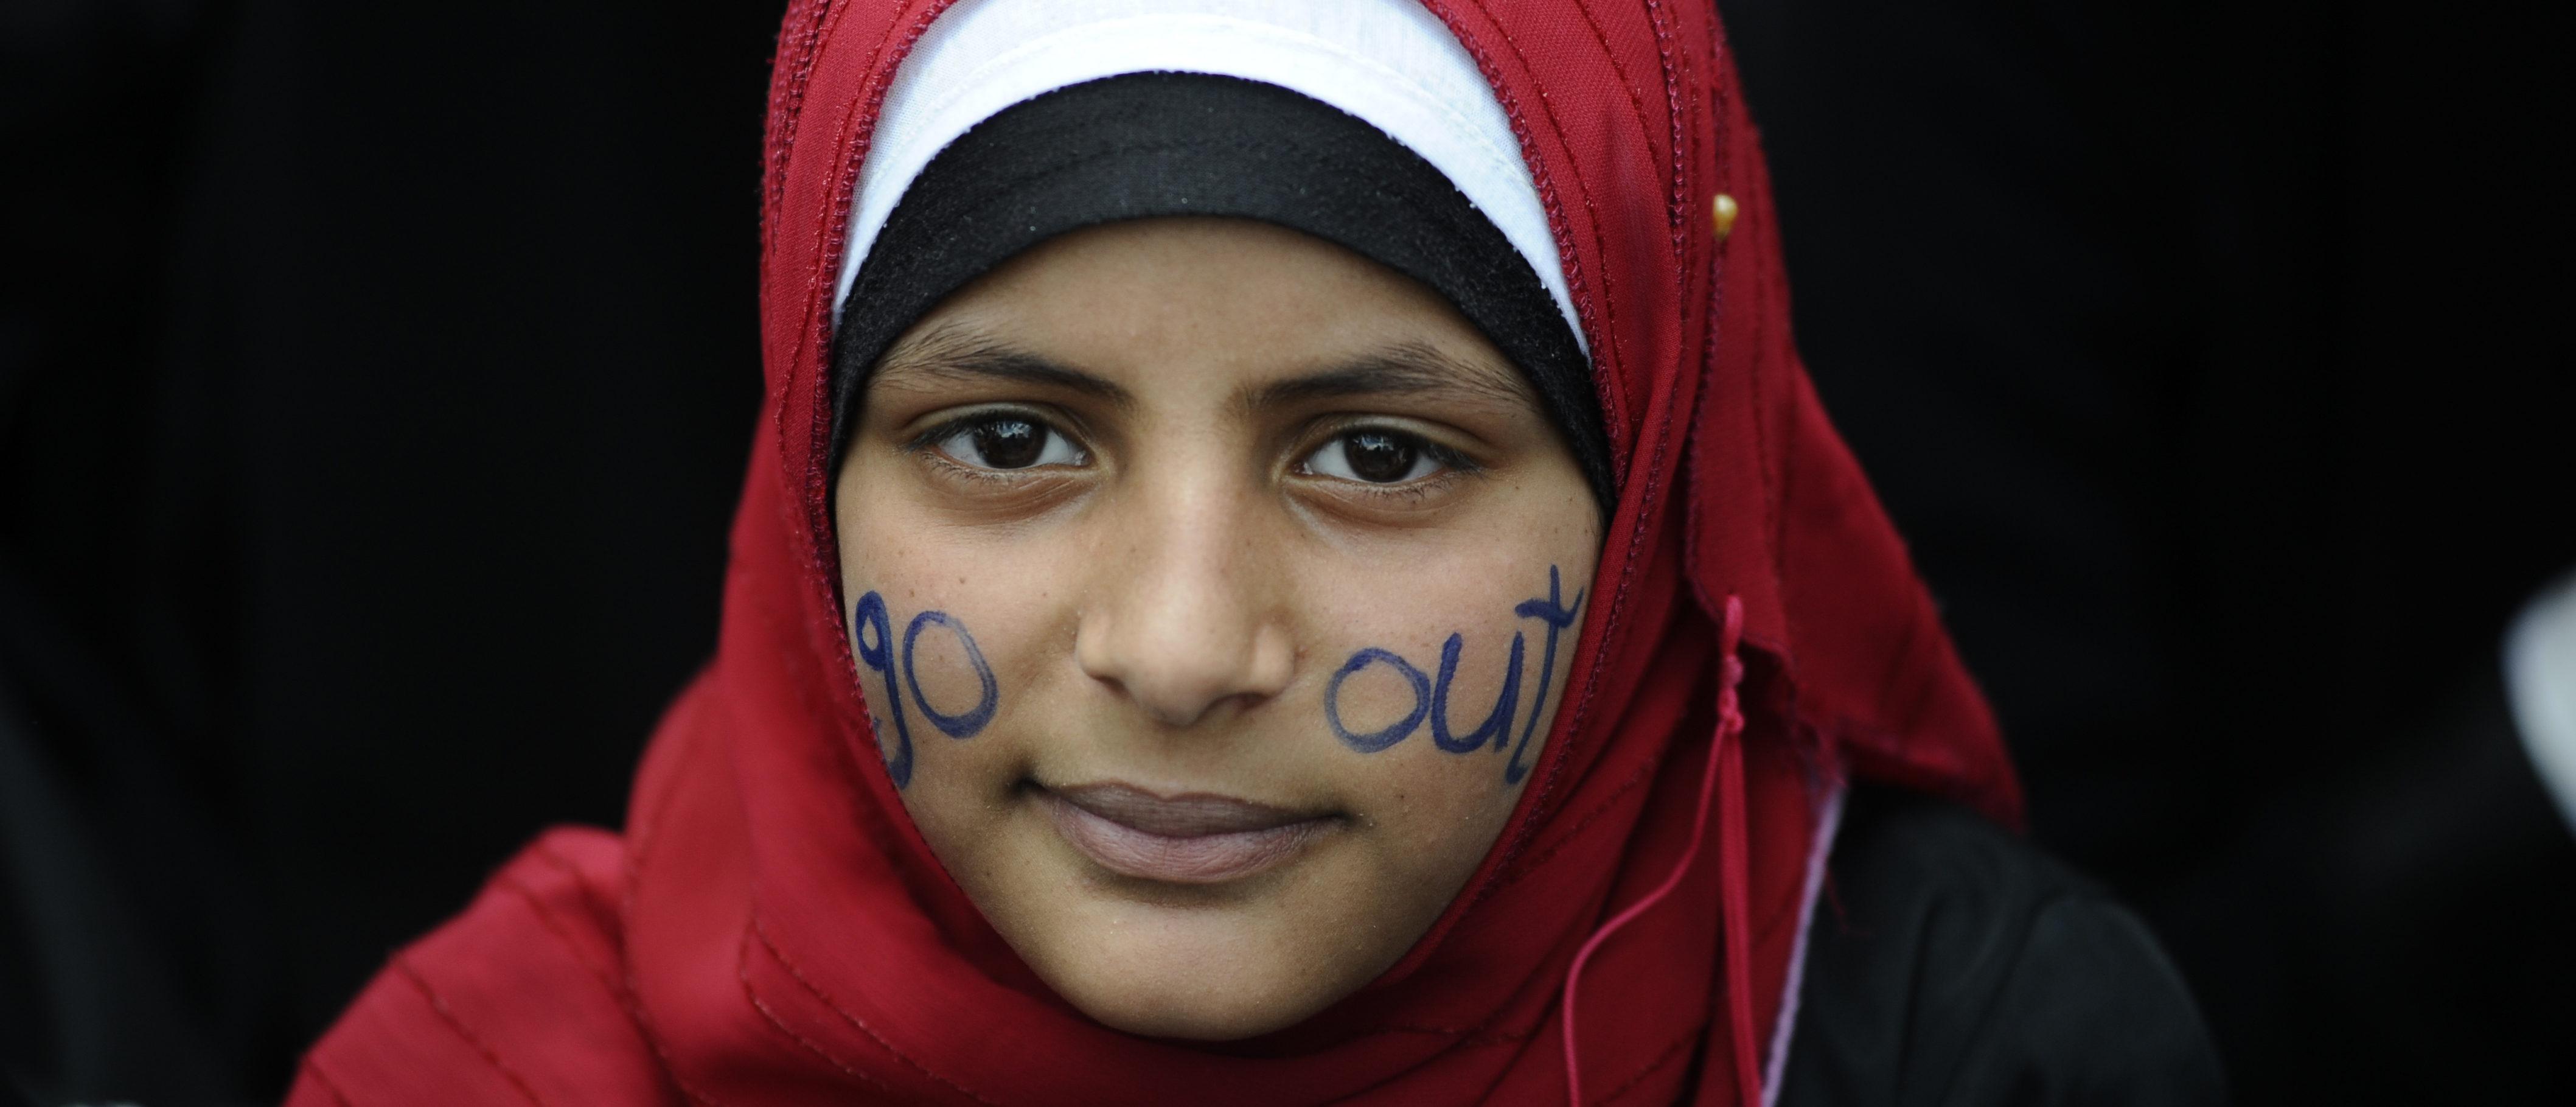 Young Yemeni Girl. (Shutterstock/ymphotos)